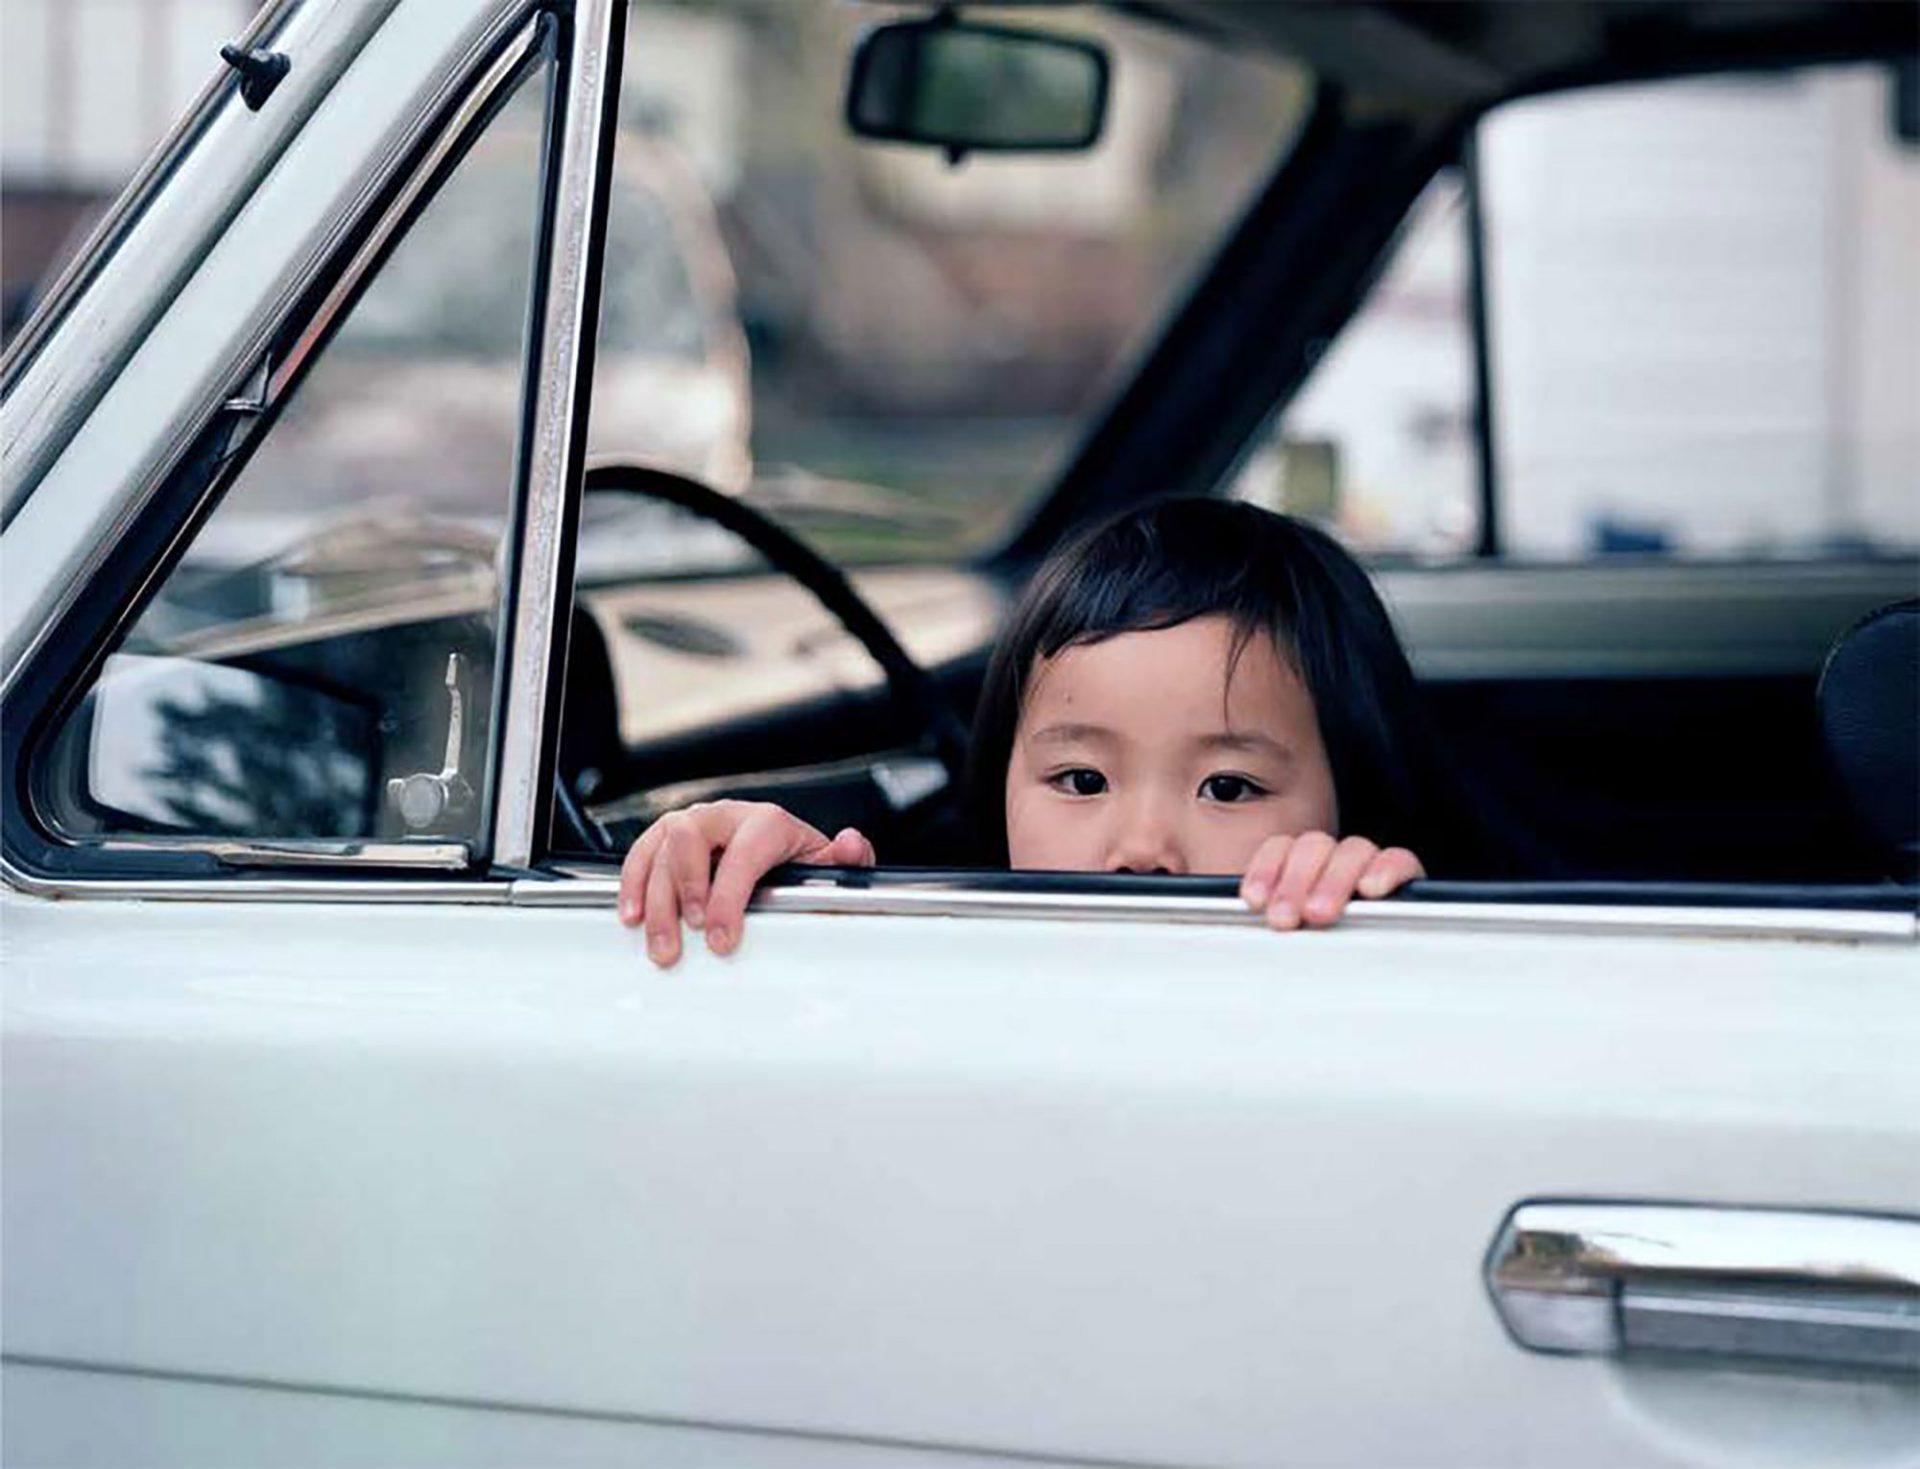 © Takashi Homma